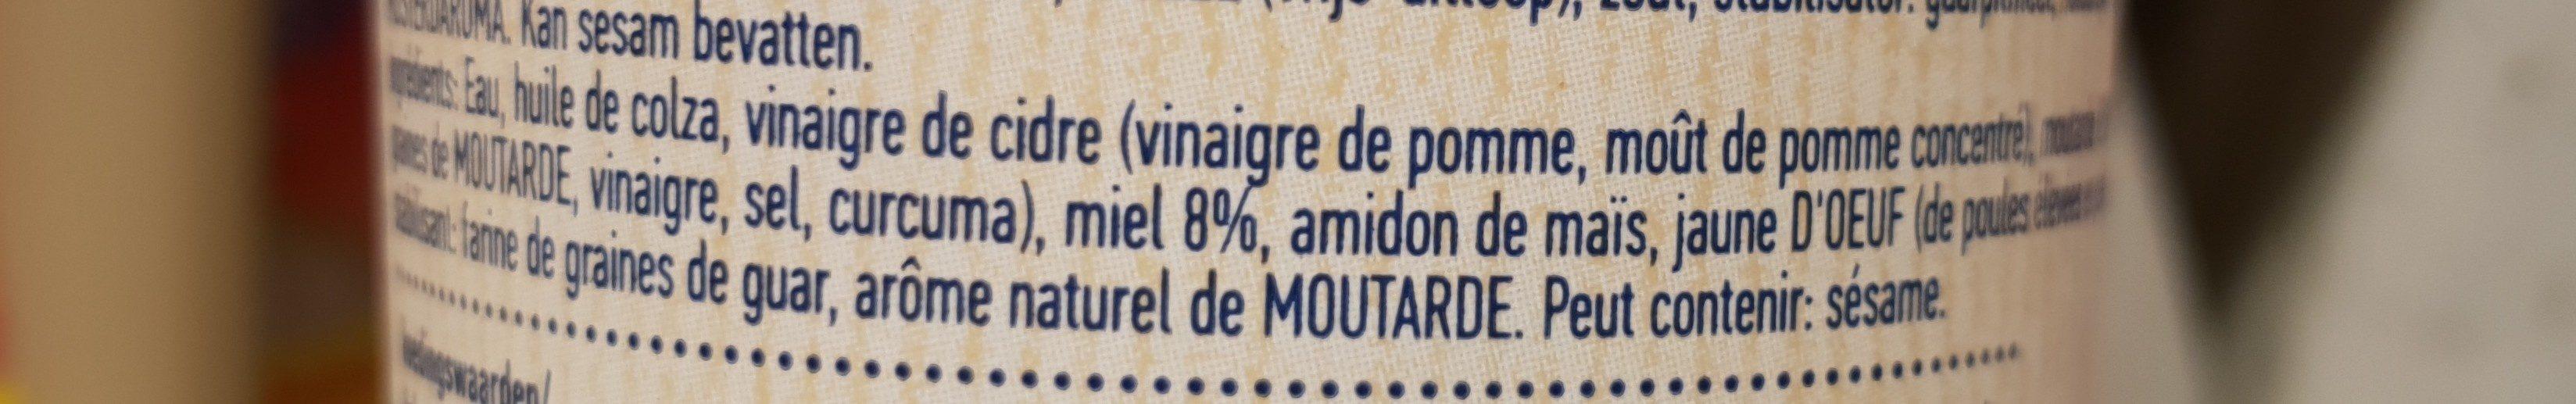 Honey and Mustard - Salad dressing - Ingrediënten - fr